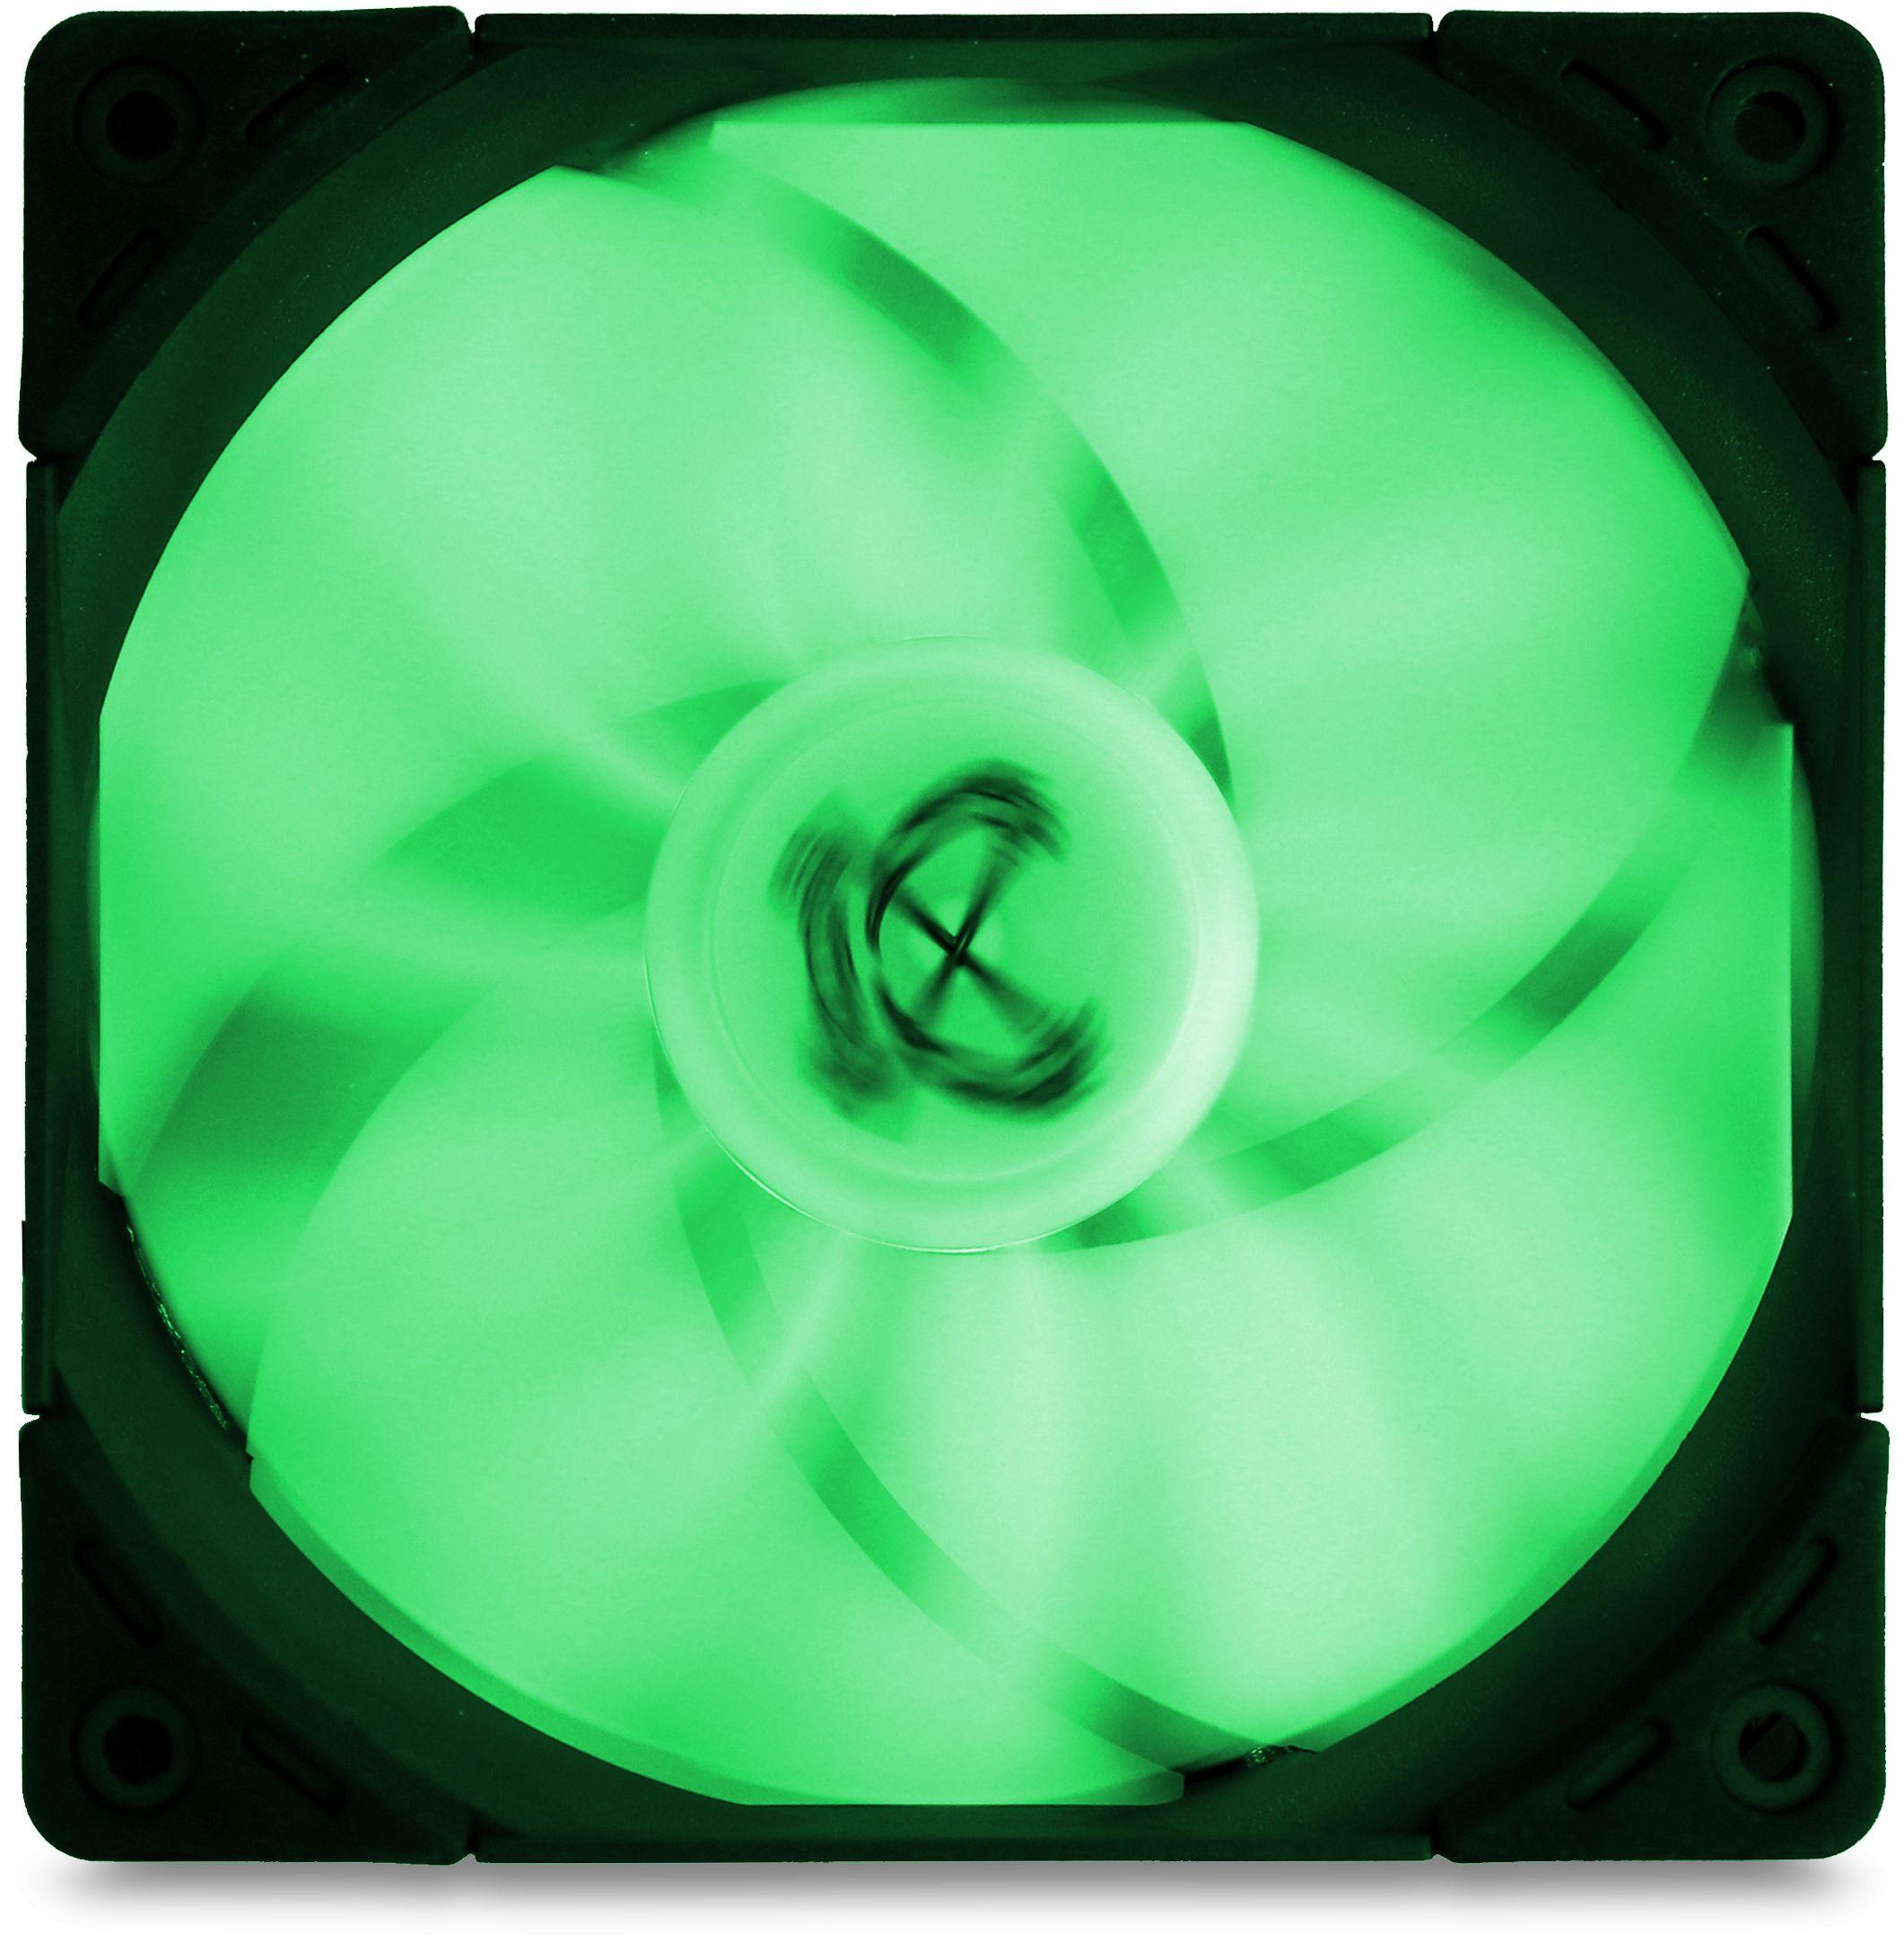 Kaze Flex 120mm PWM RGB 1800 RPM Quiet Case Fan